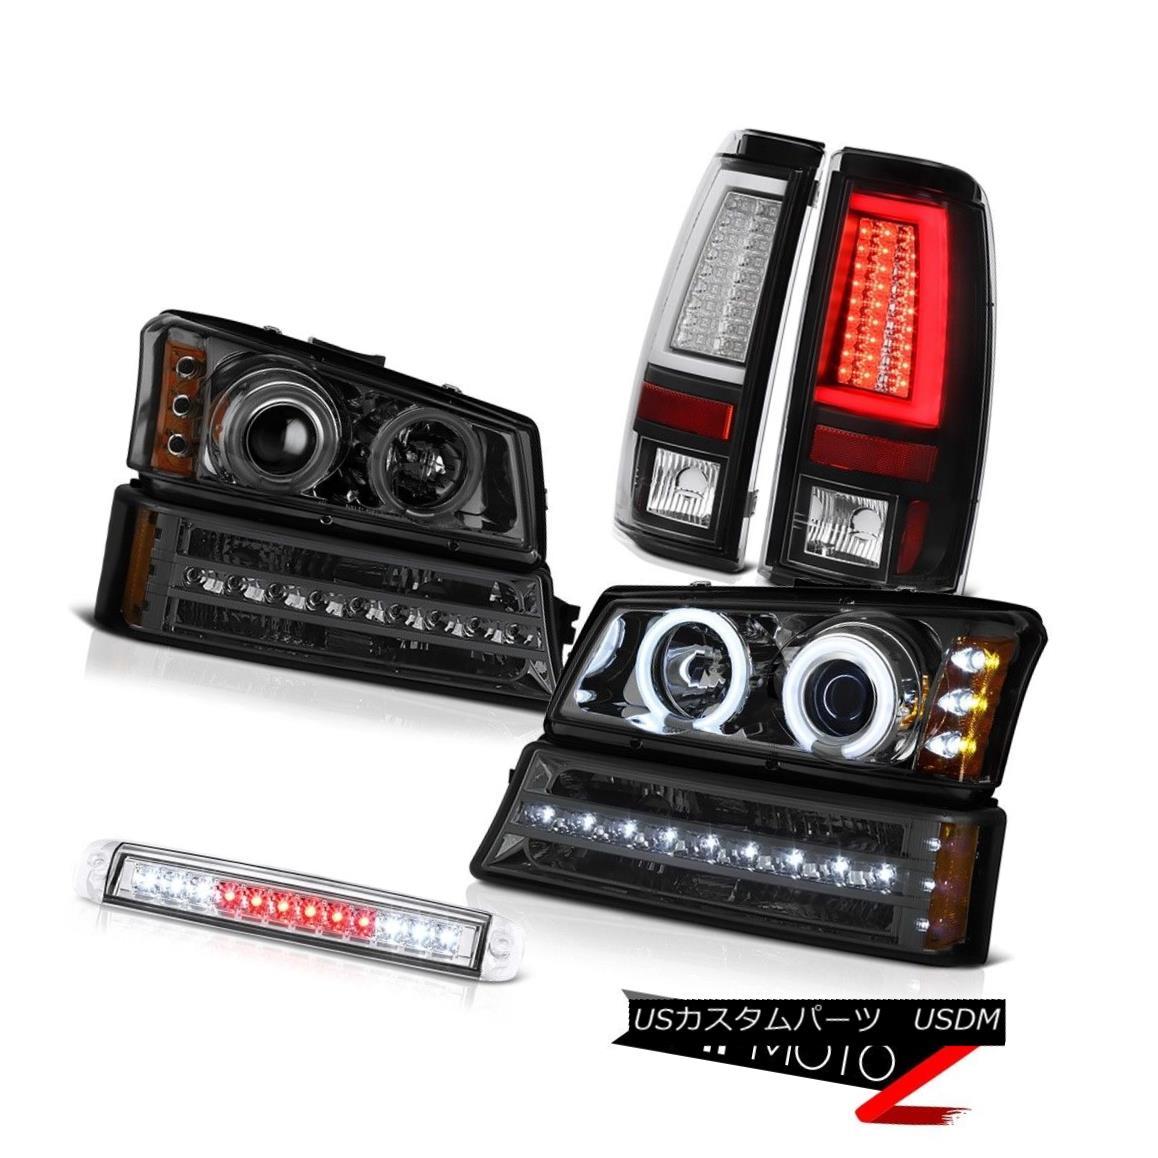 ヘッドライト 03-06 Silverado 1500 Taillights 3RD Brake Light Signal Headlights